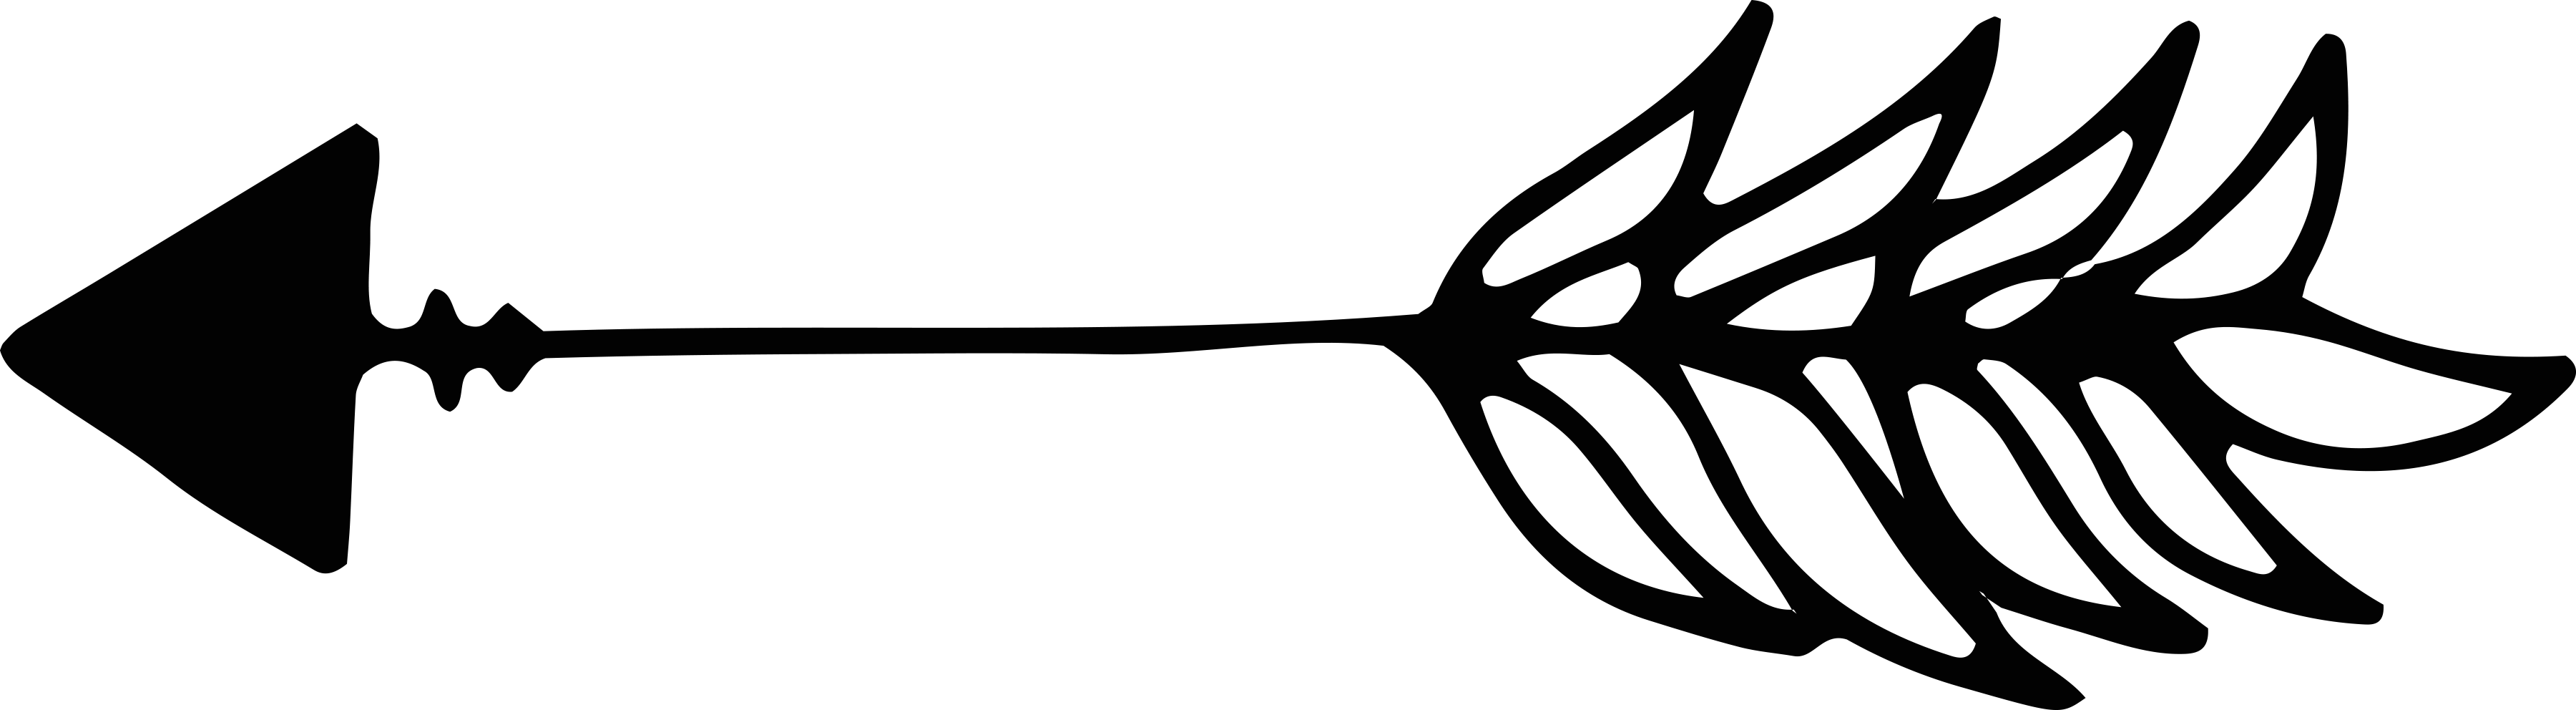 Steampunk clipart arrow. Garnish png pinterest